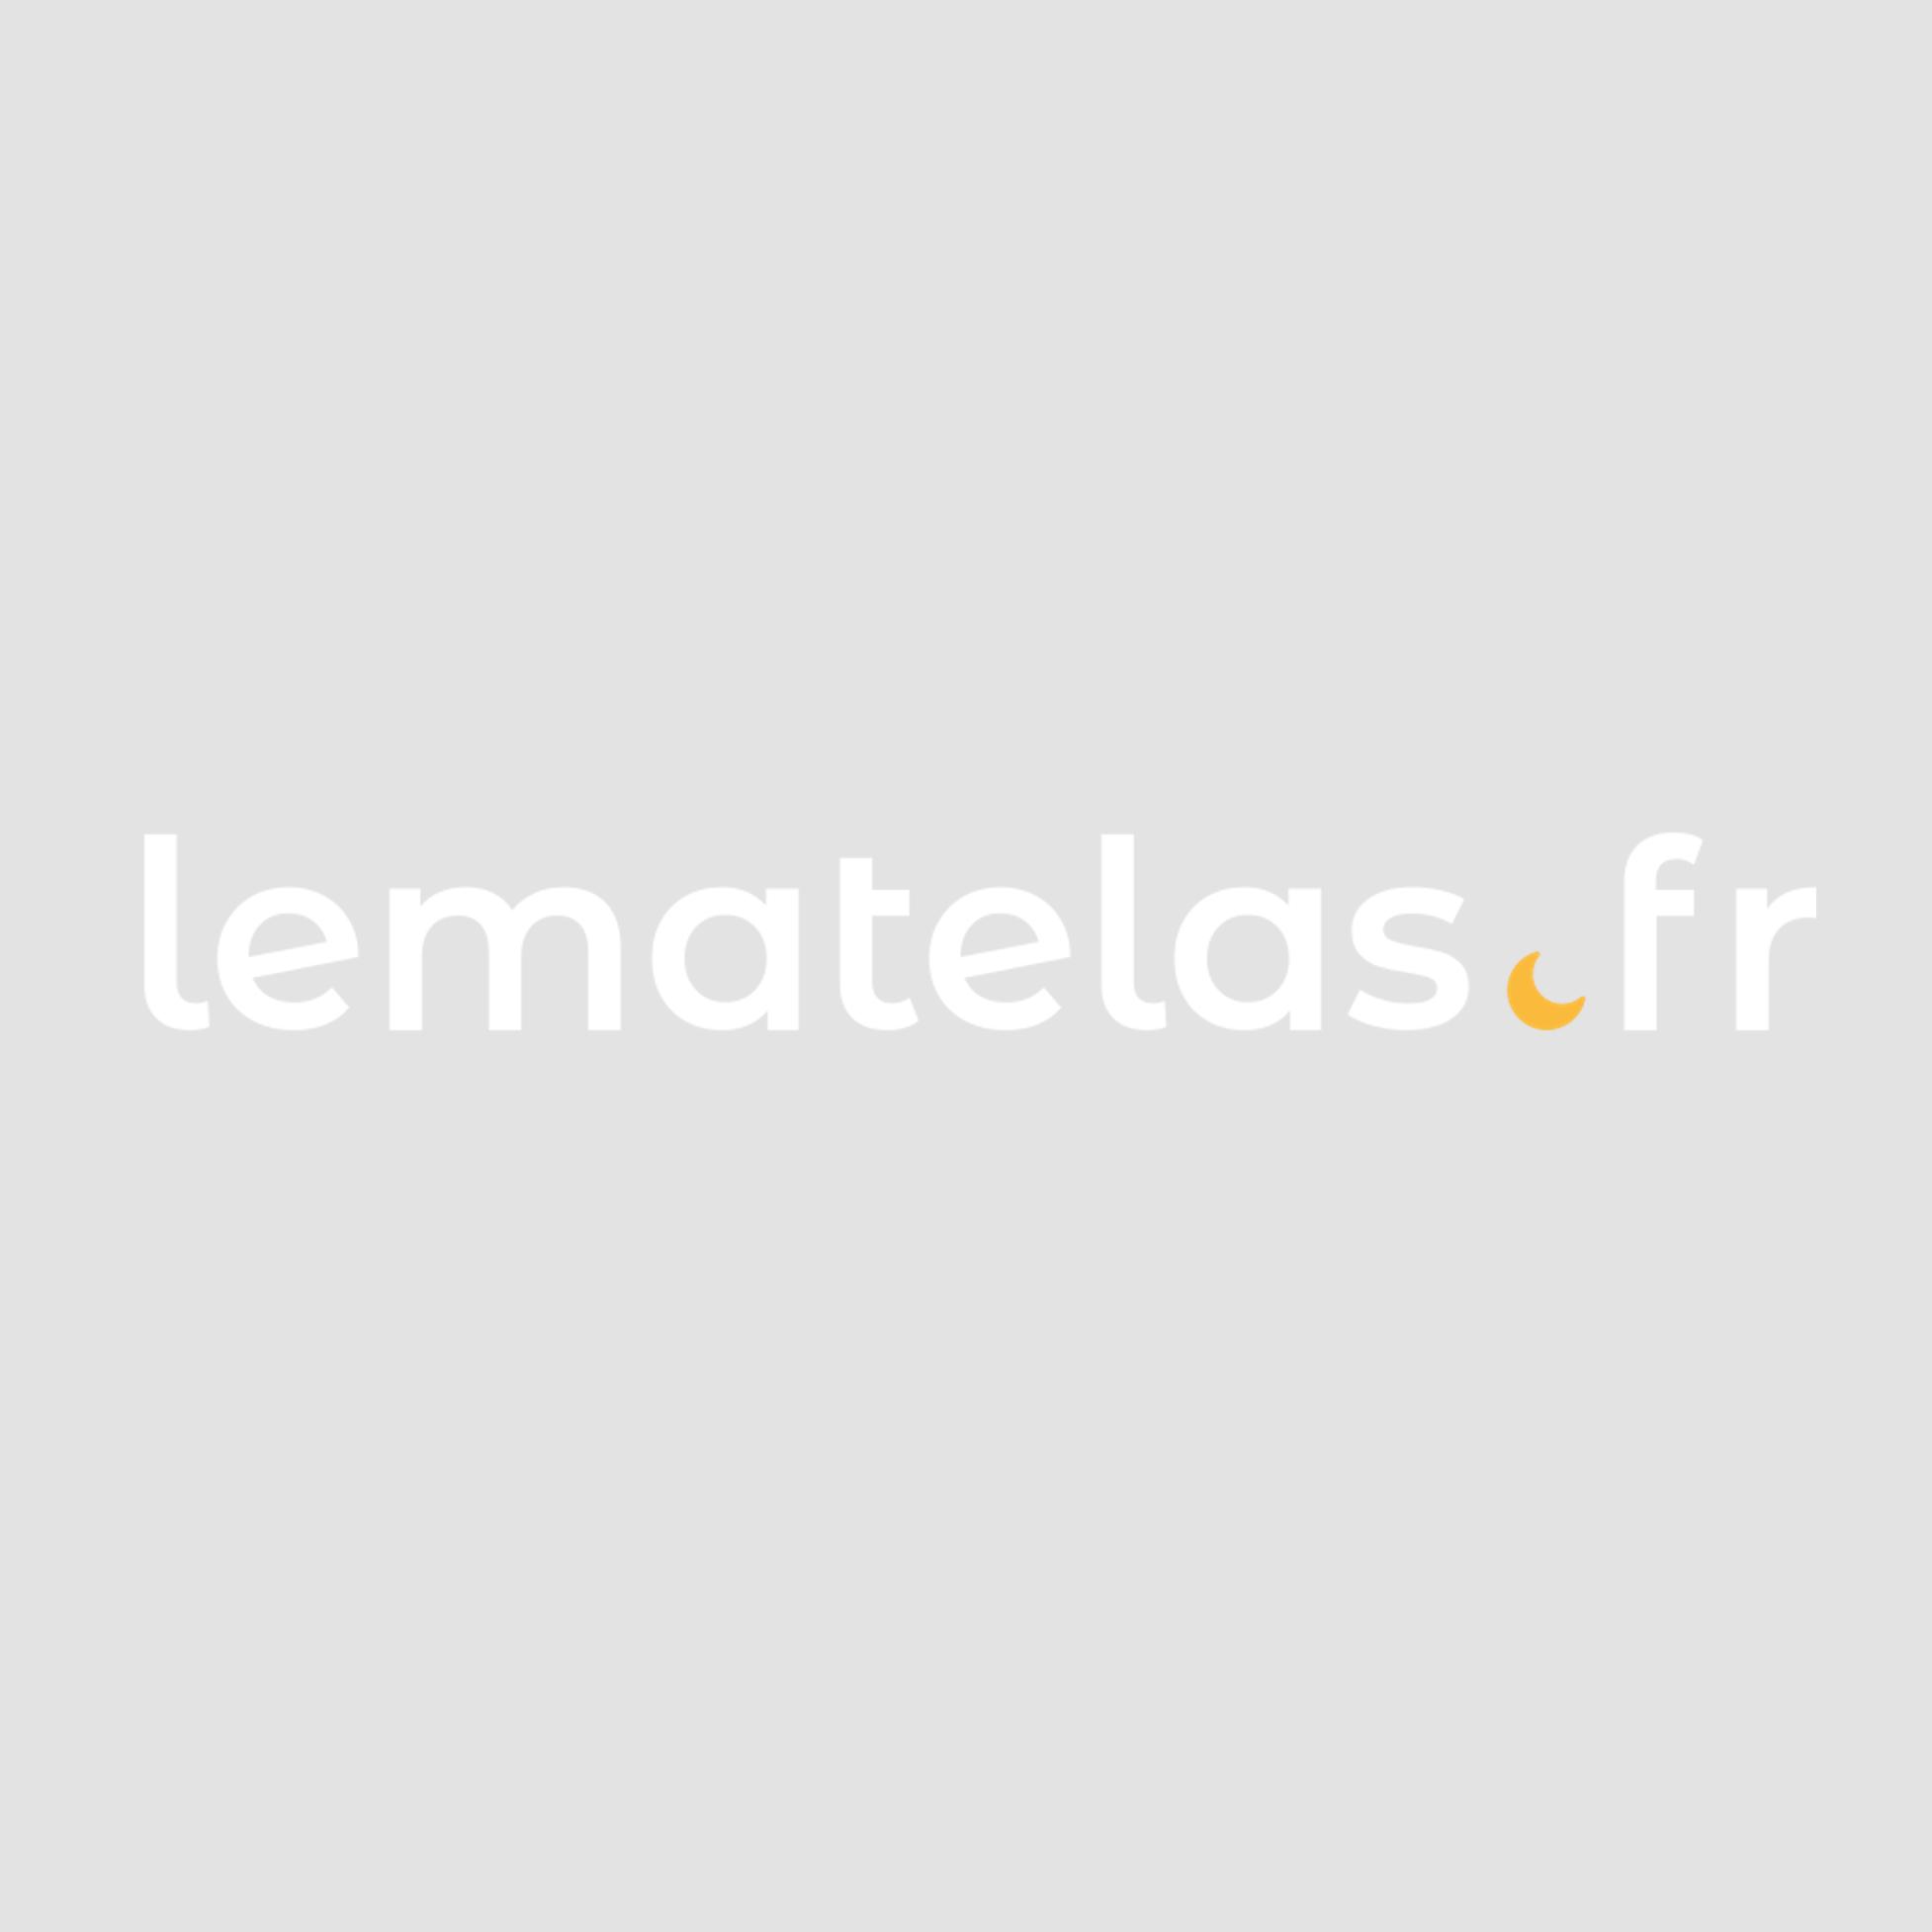 Pack de 25 rénove-matelas déperlants semi-durables 140x190 - Hôtellerie